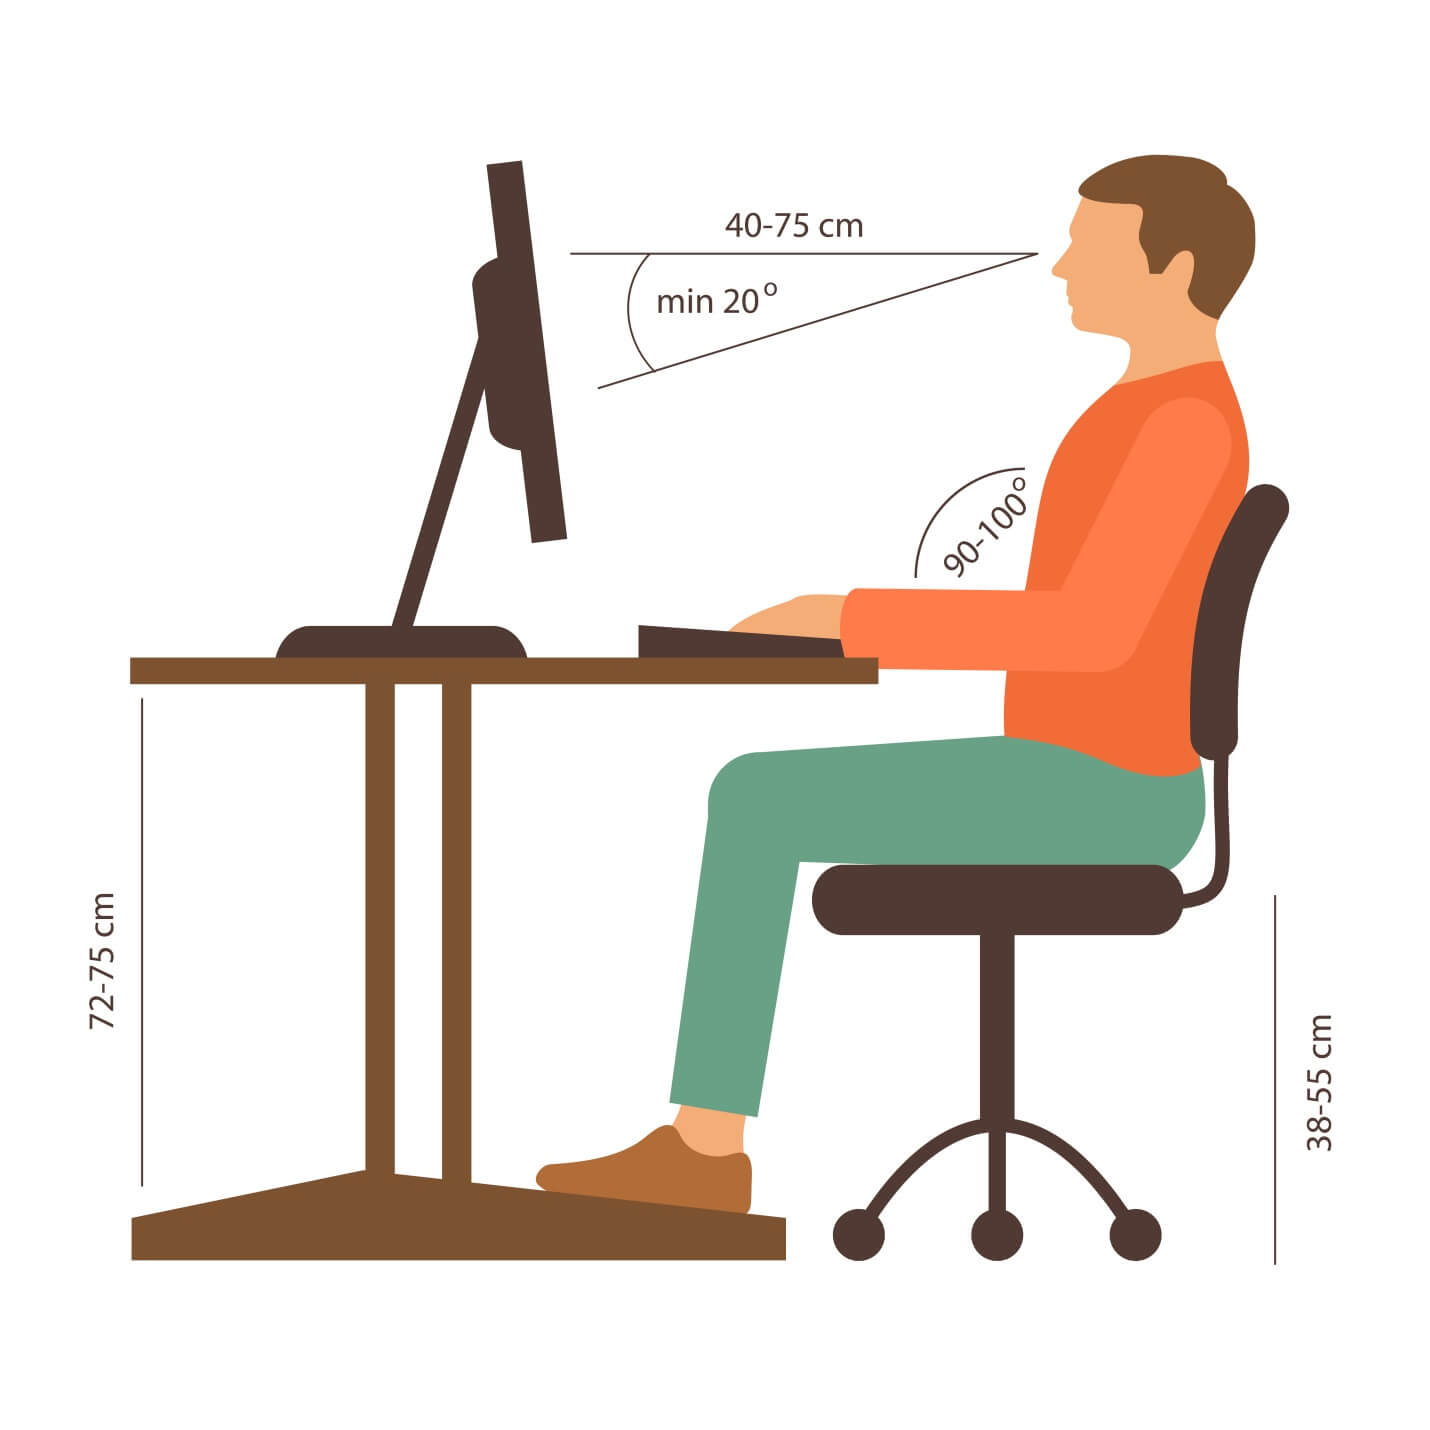 Pelajari Postur Tubuh yang Baik Saat bekerja